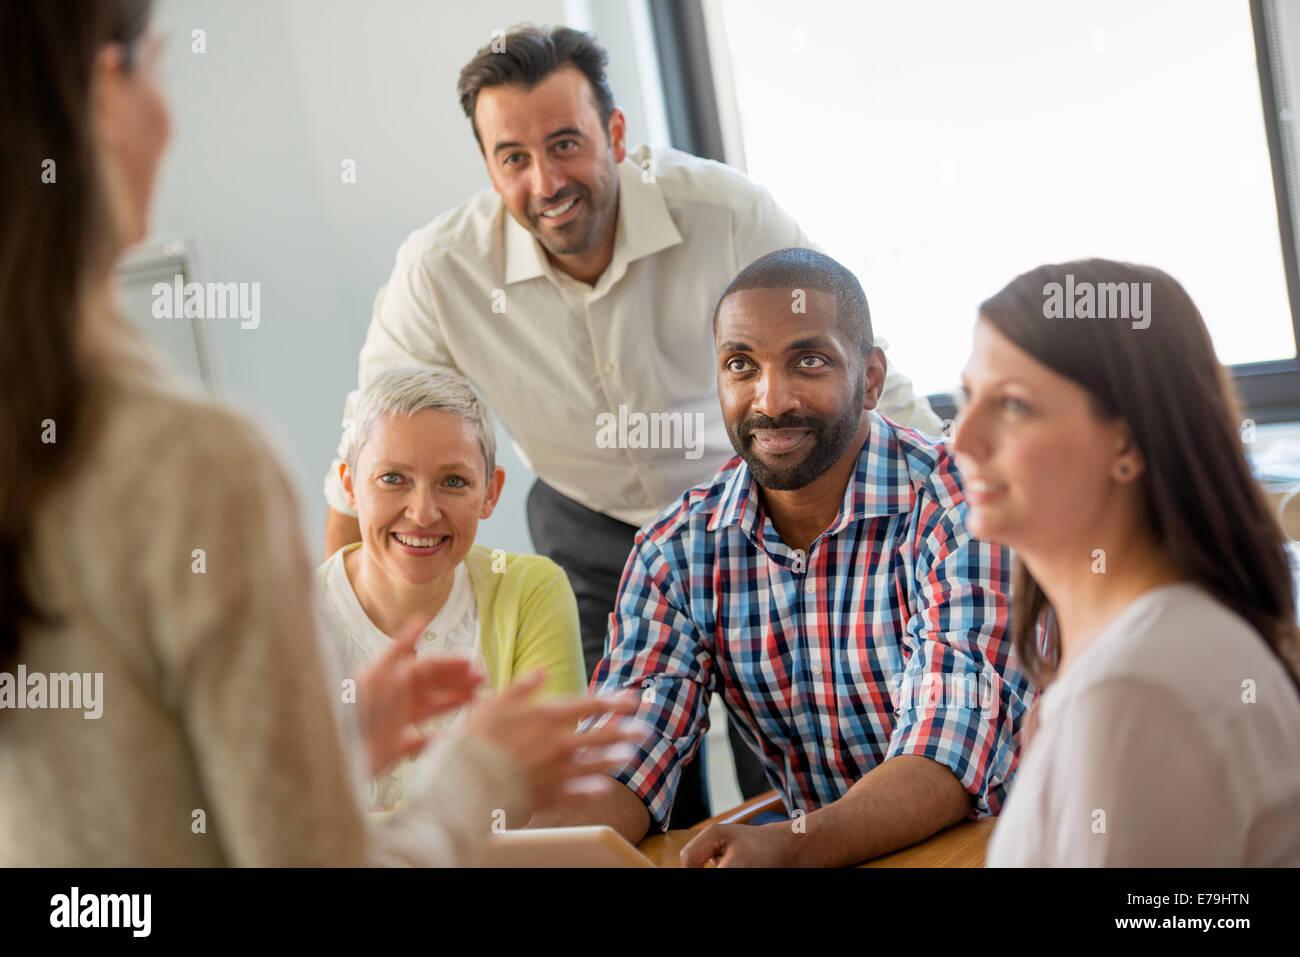 Cinque persone in un ufficio, due uomini e tre donne parlare. Immagini Stock